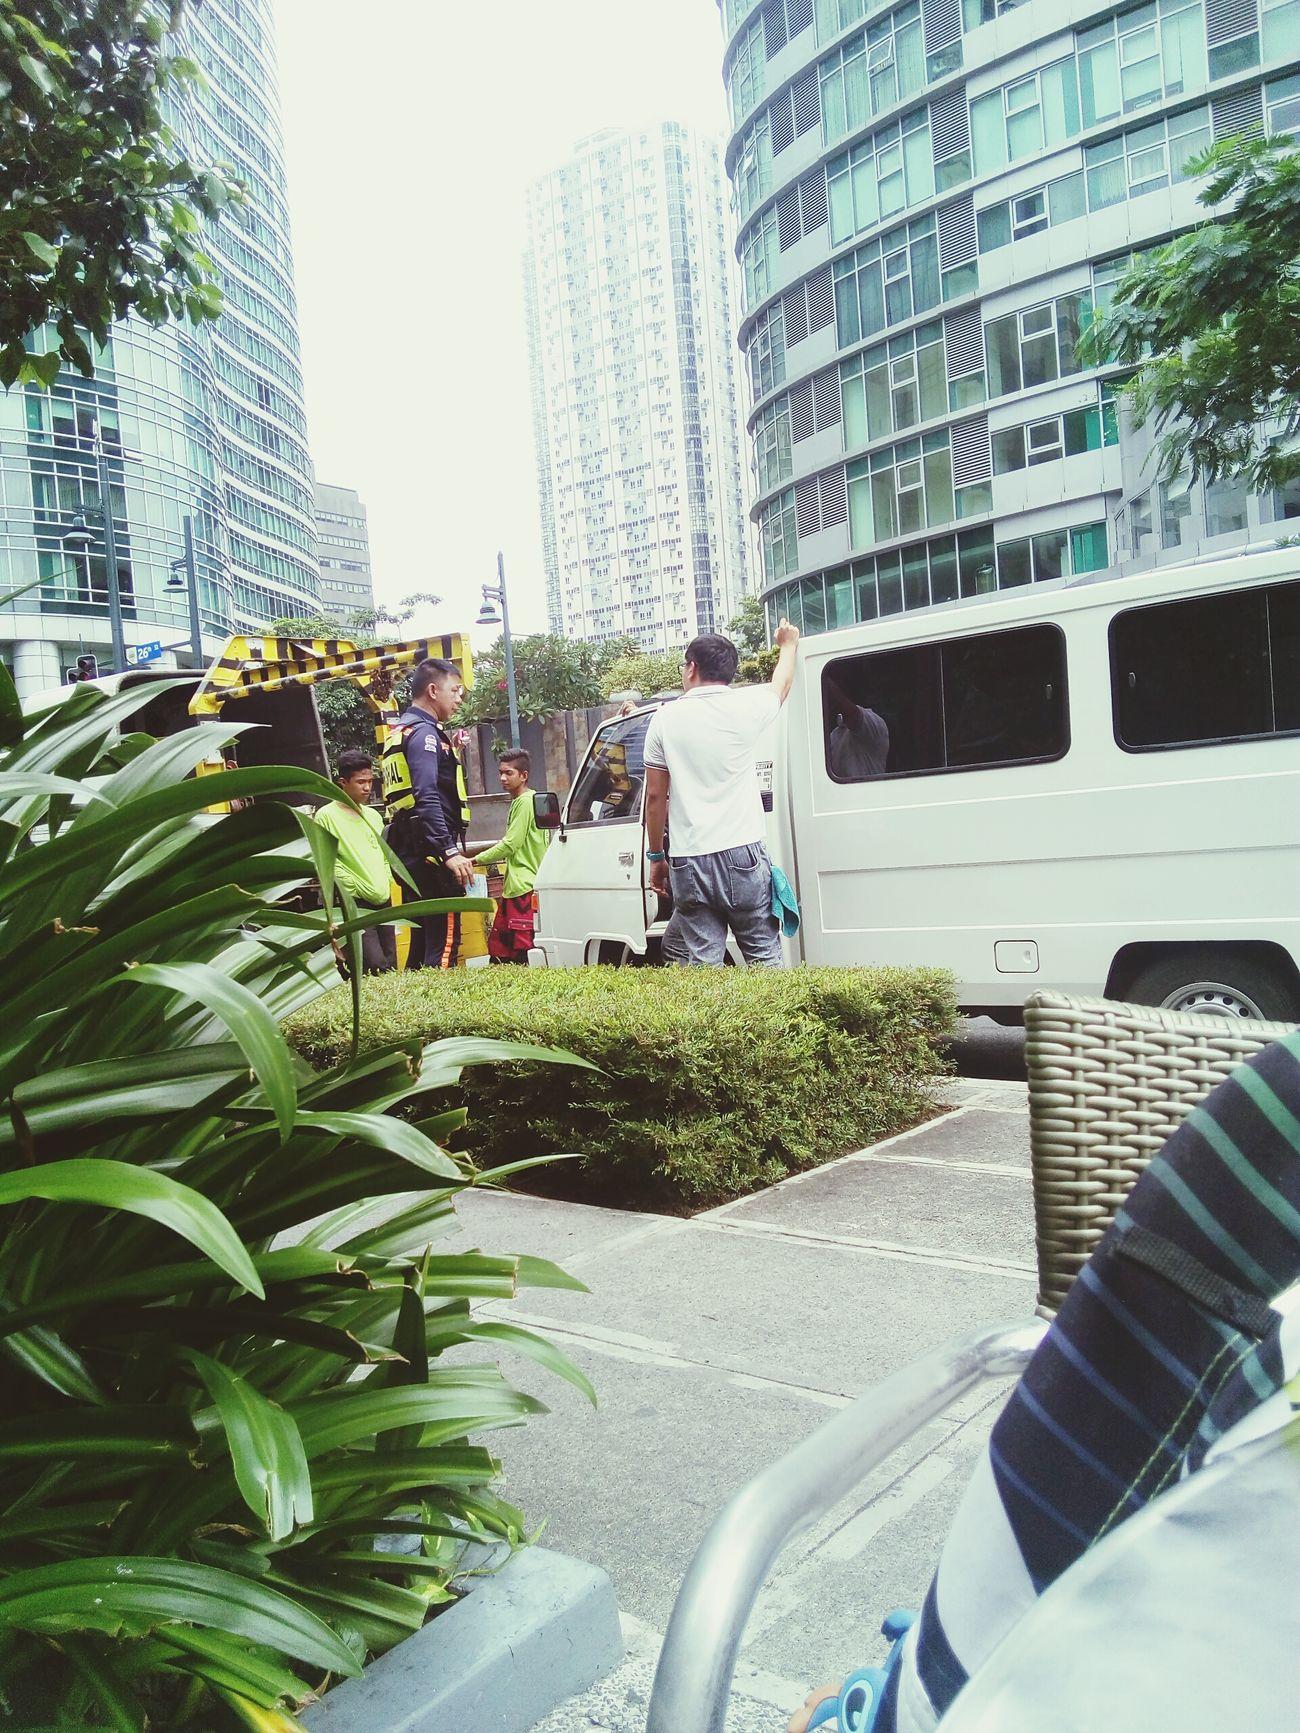 Bgc's finest. Bullying. Ang daming naka park sa sidewalk si kuya na mahirap ang ponag initan.